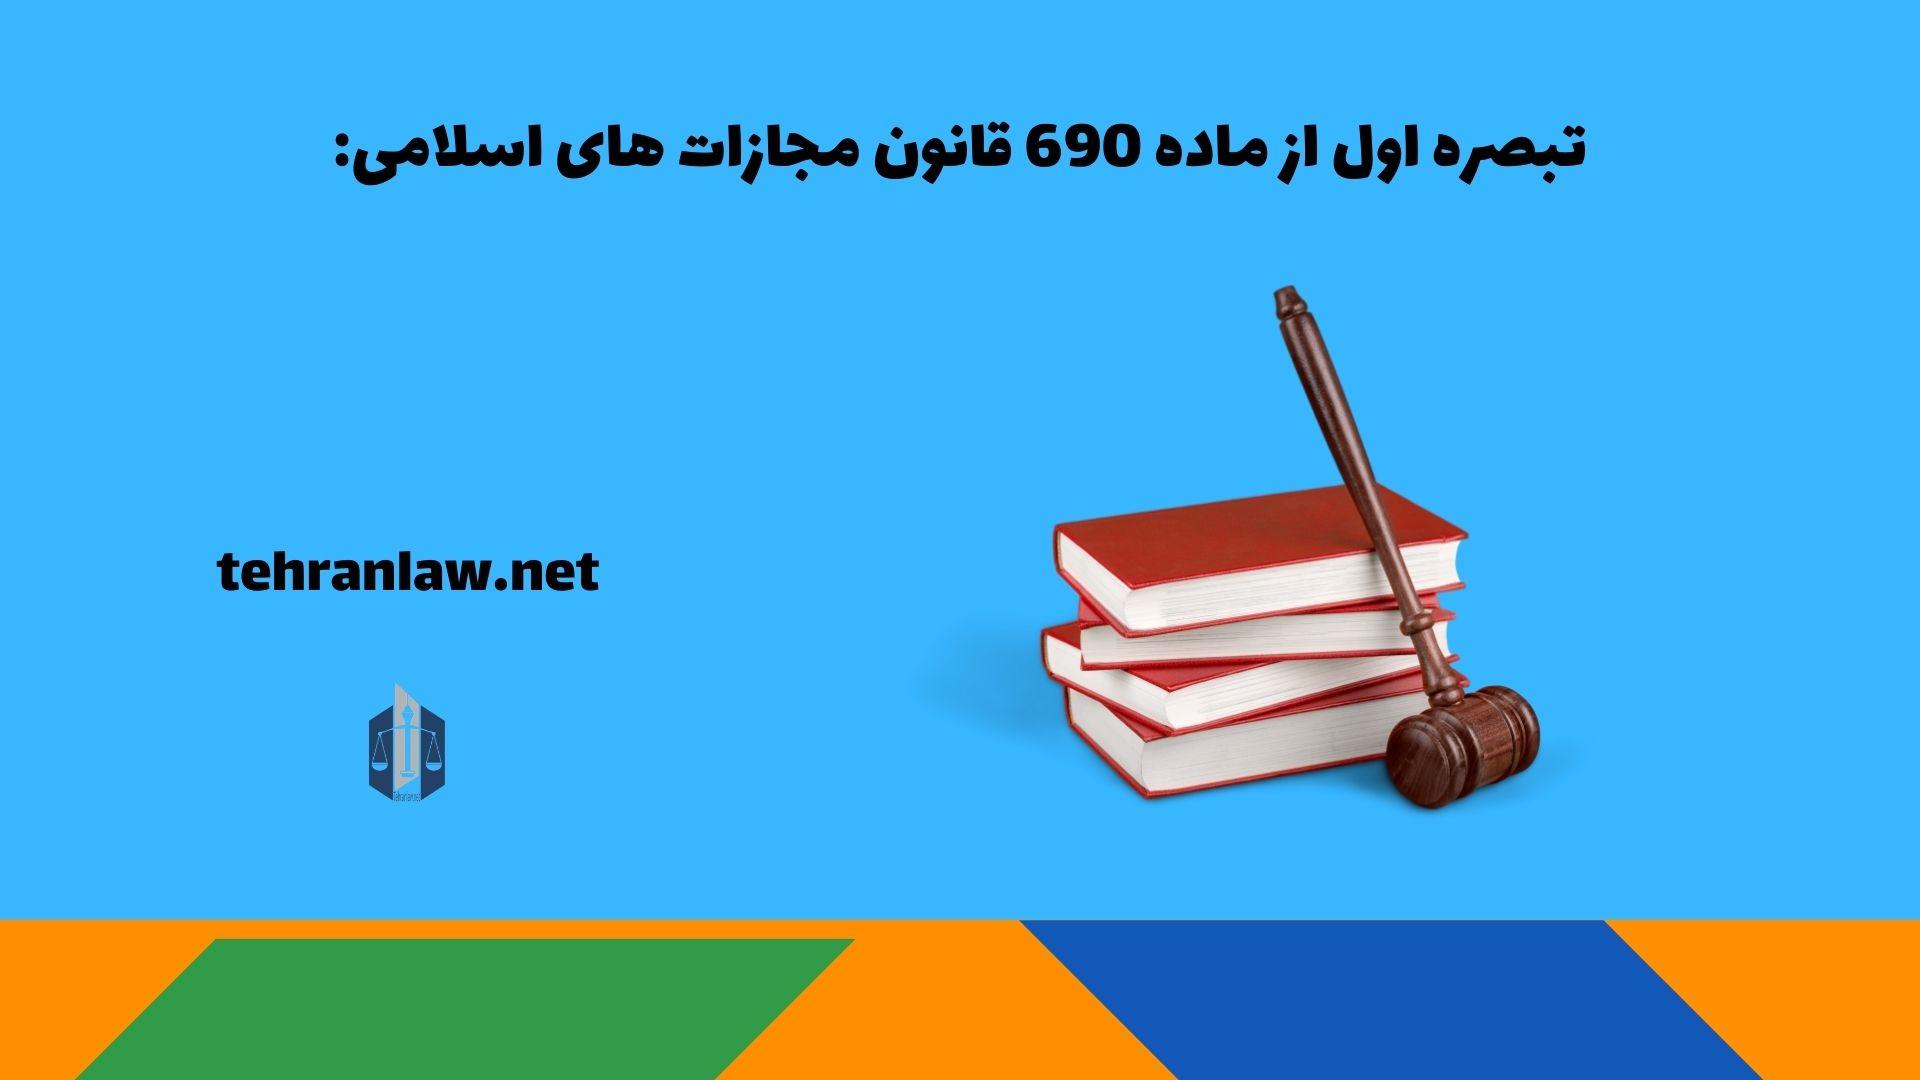 تبصره اول از ماده 690 قانون مجازات های اسلامی: